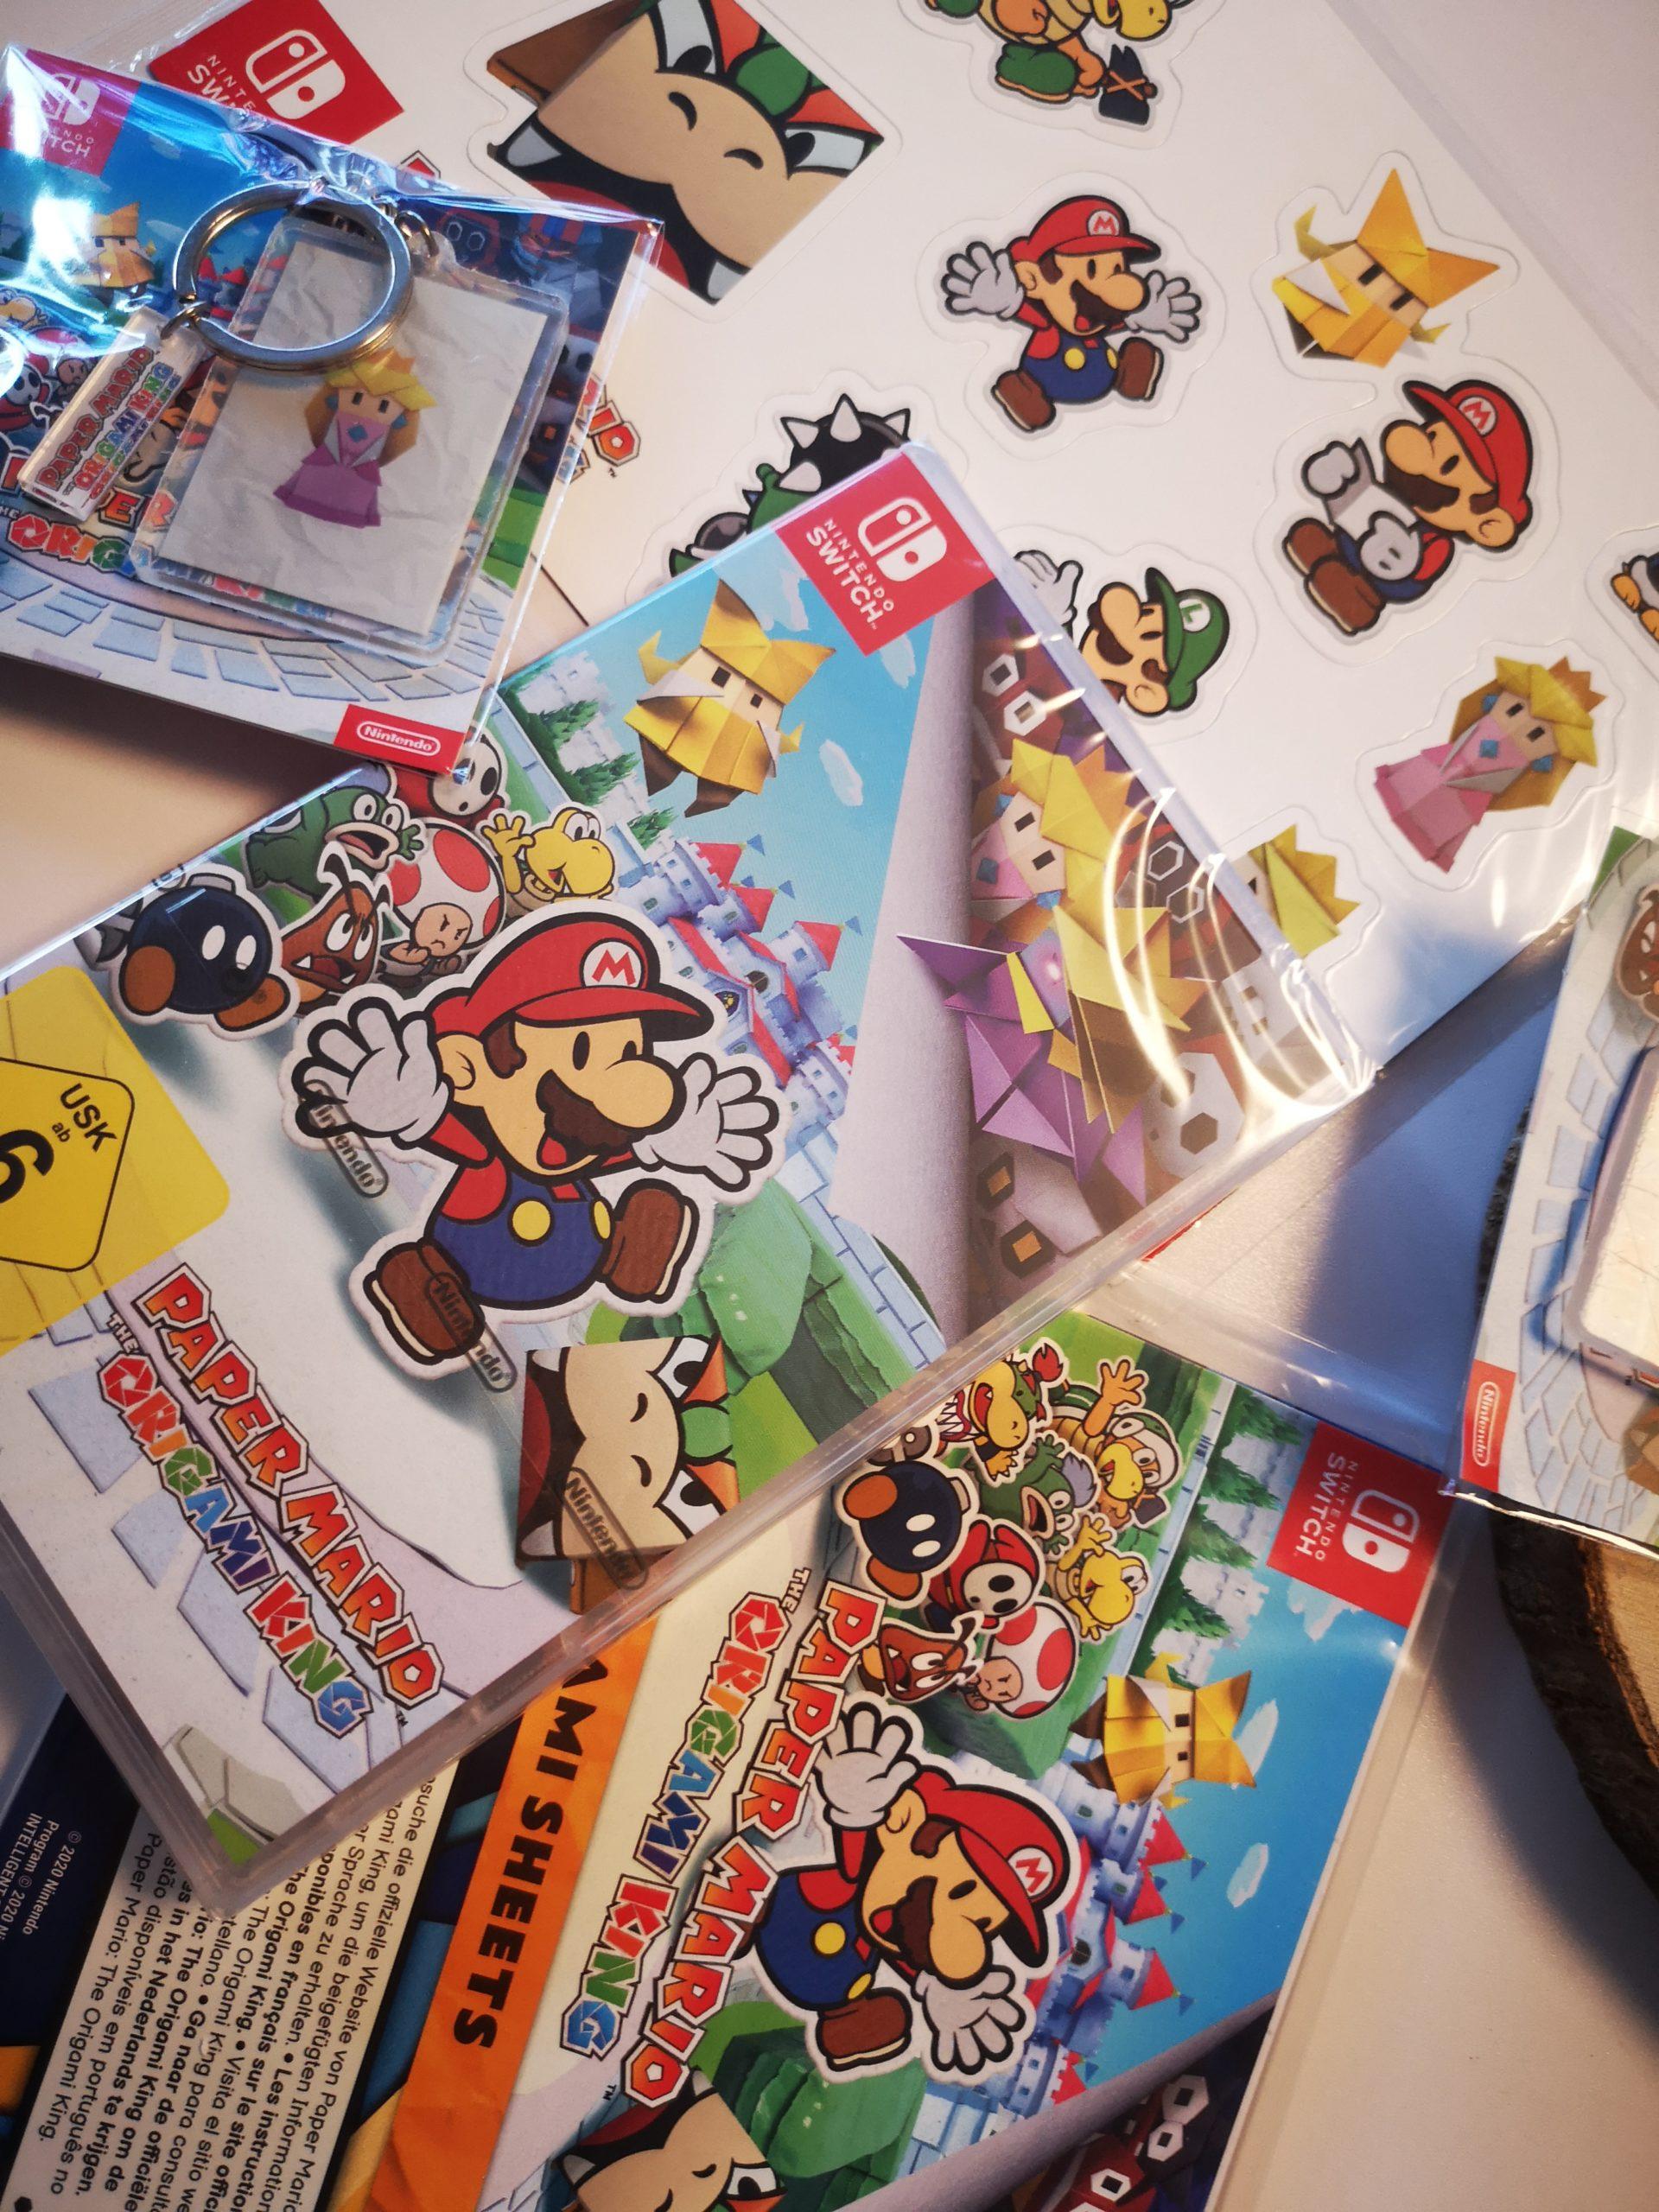 Paper Mario Paket für die Nintendo Switch zu gewinnen